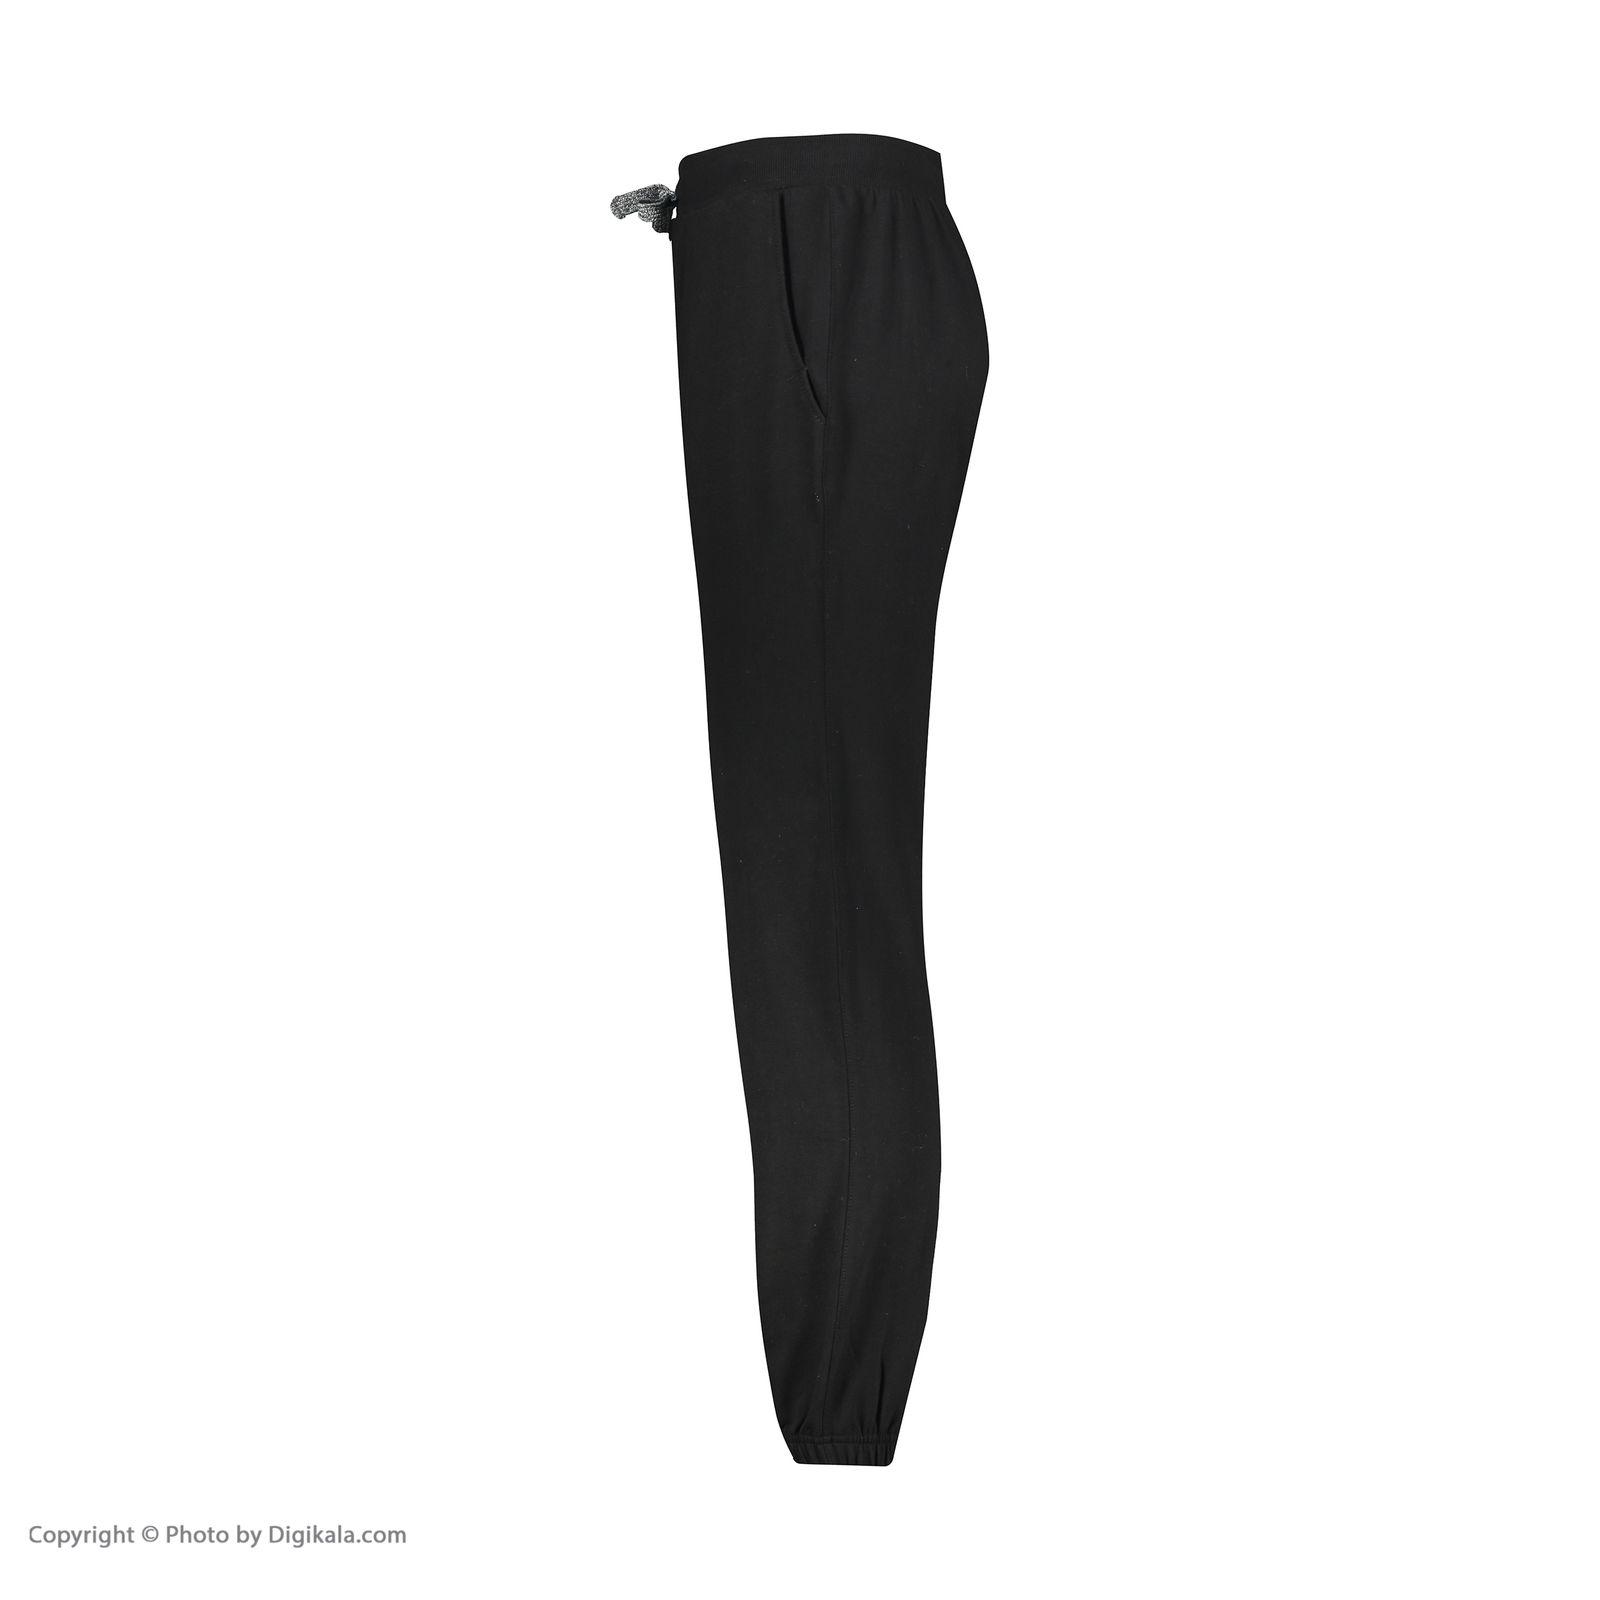 شلوار مردانه گارودی مدل ۱۲۱۰۳۲۰۱۰۲-09 -  - 3